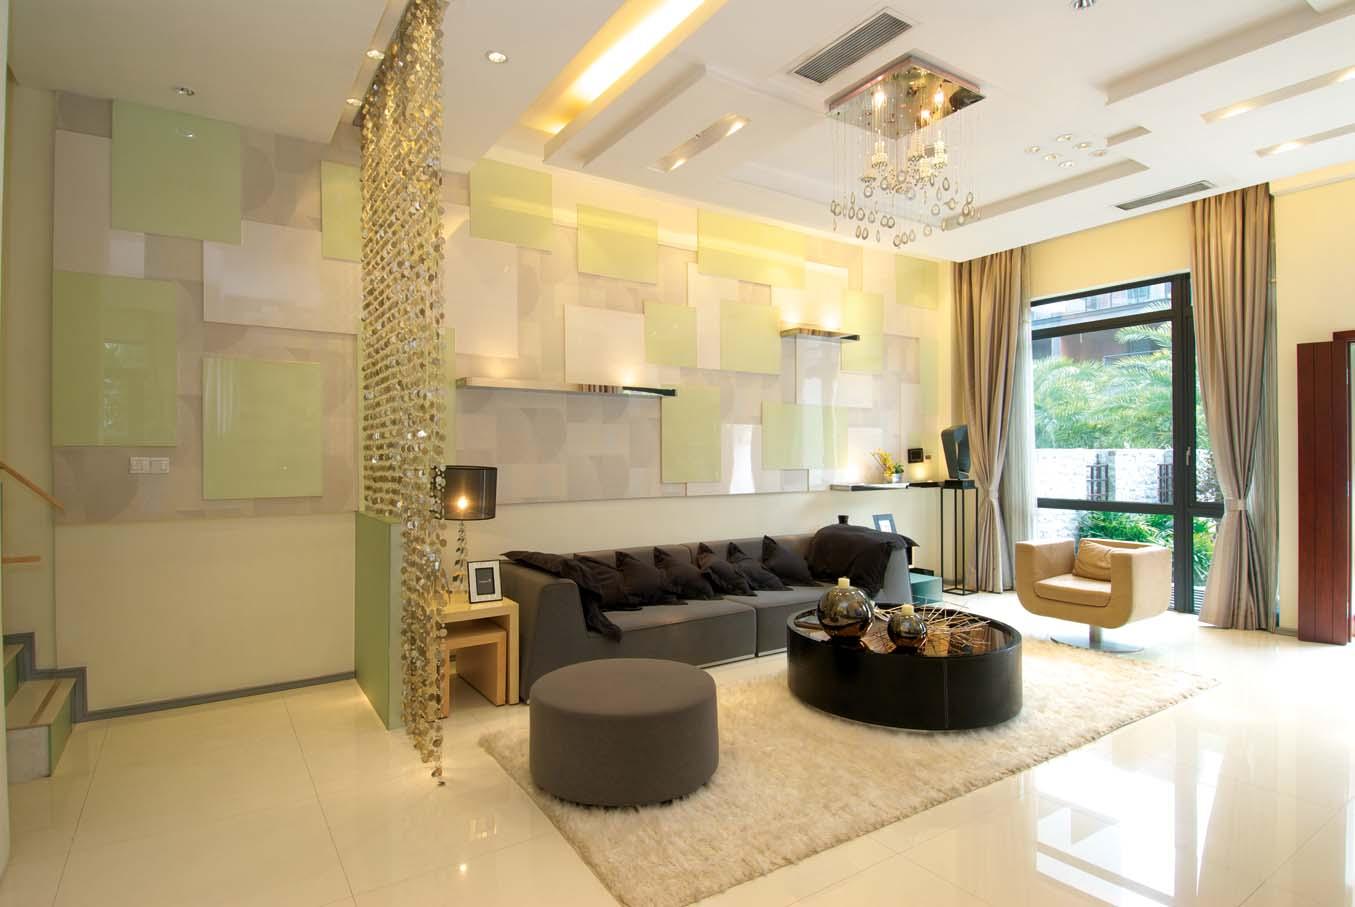 客厅图片来自成都龙发装饰公司在置信牧山丽景 现代风格设计的分享